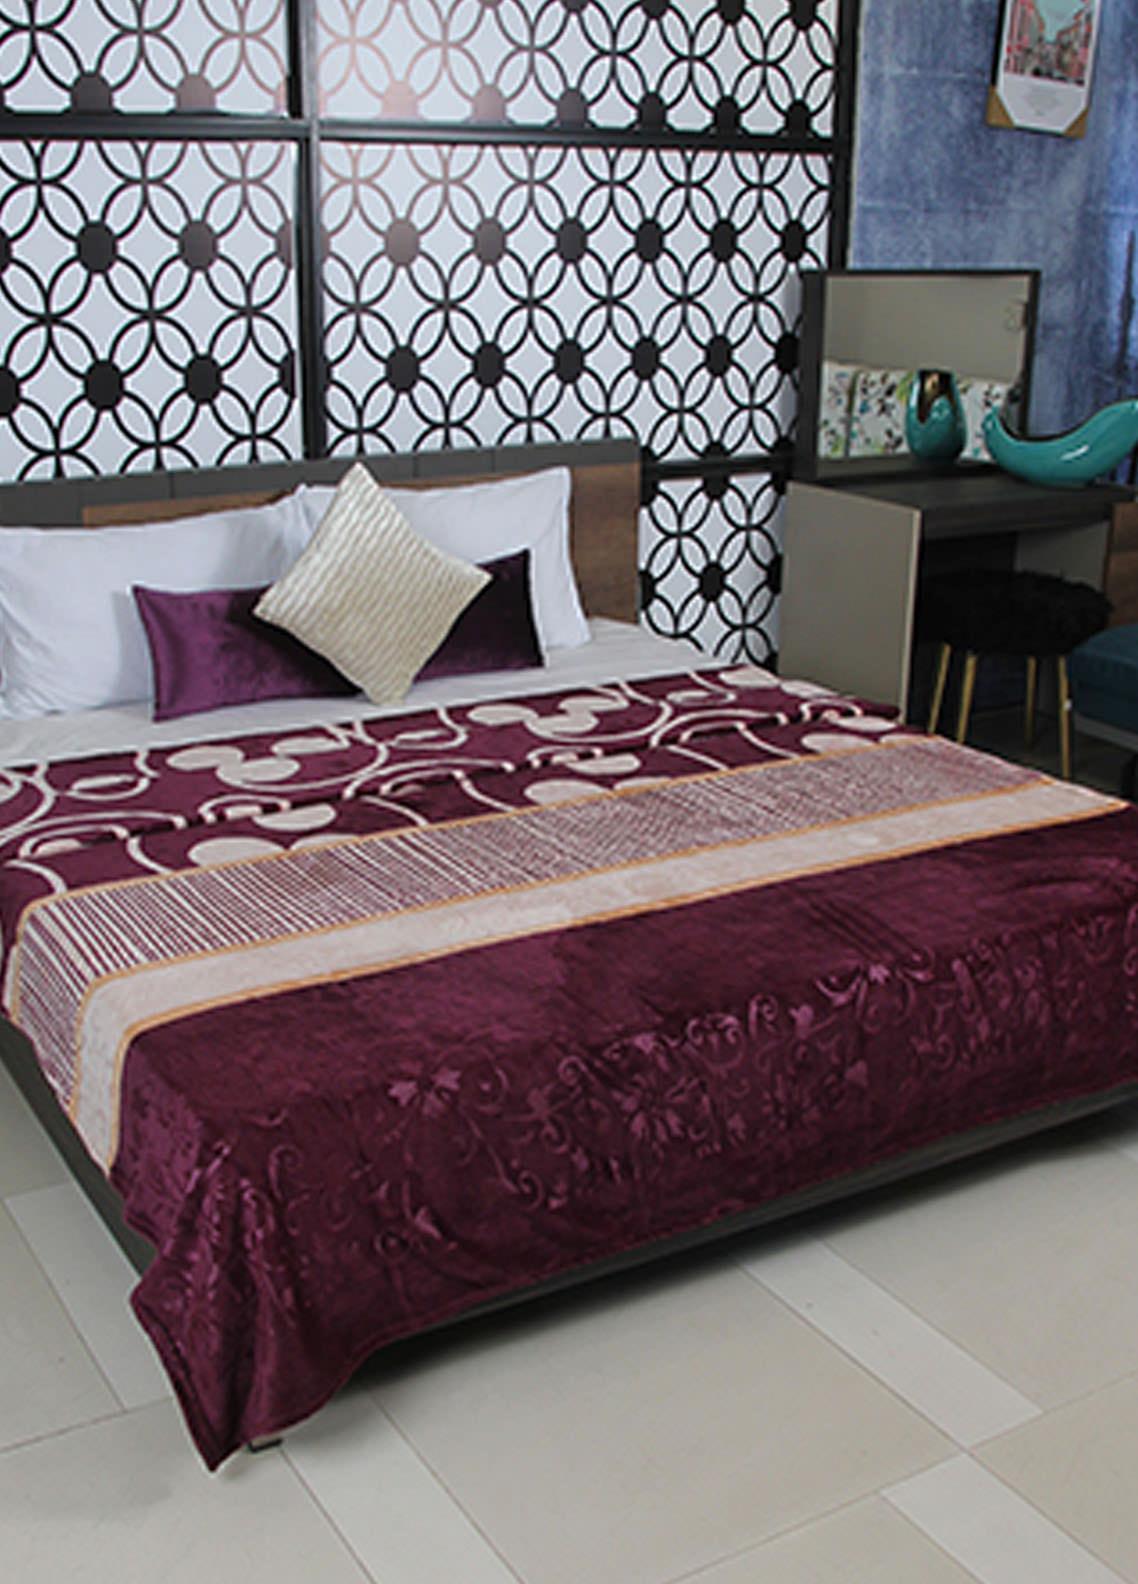 Plush Mink Double Bed Supreme Soft Finish Blankets 2 Ply Supremo-SMV221 - Home & Decor